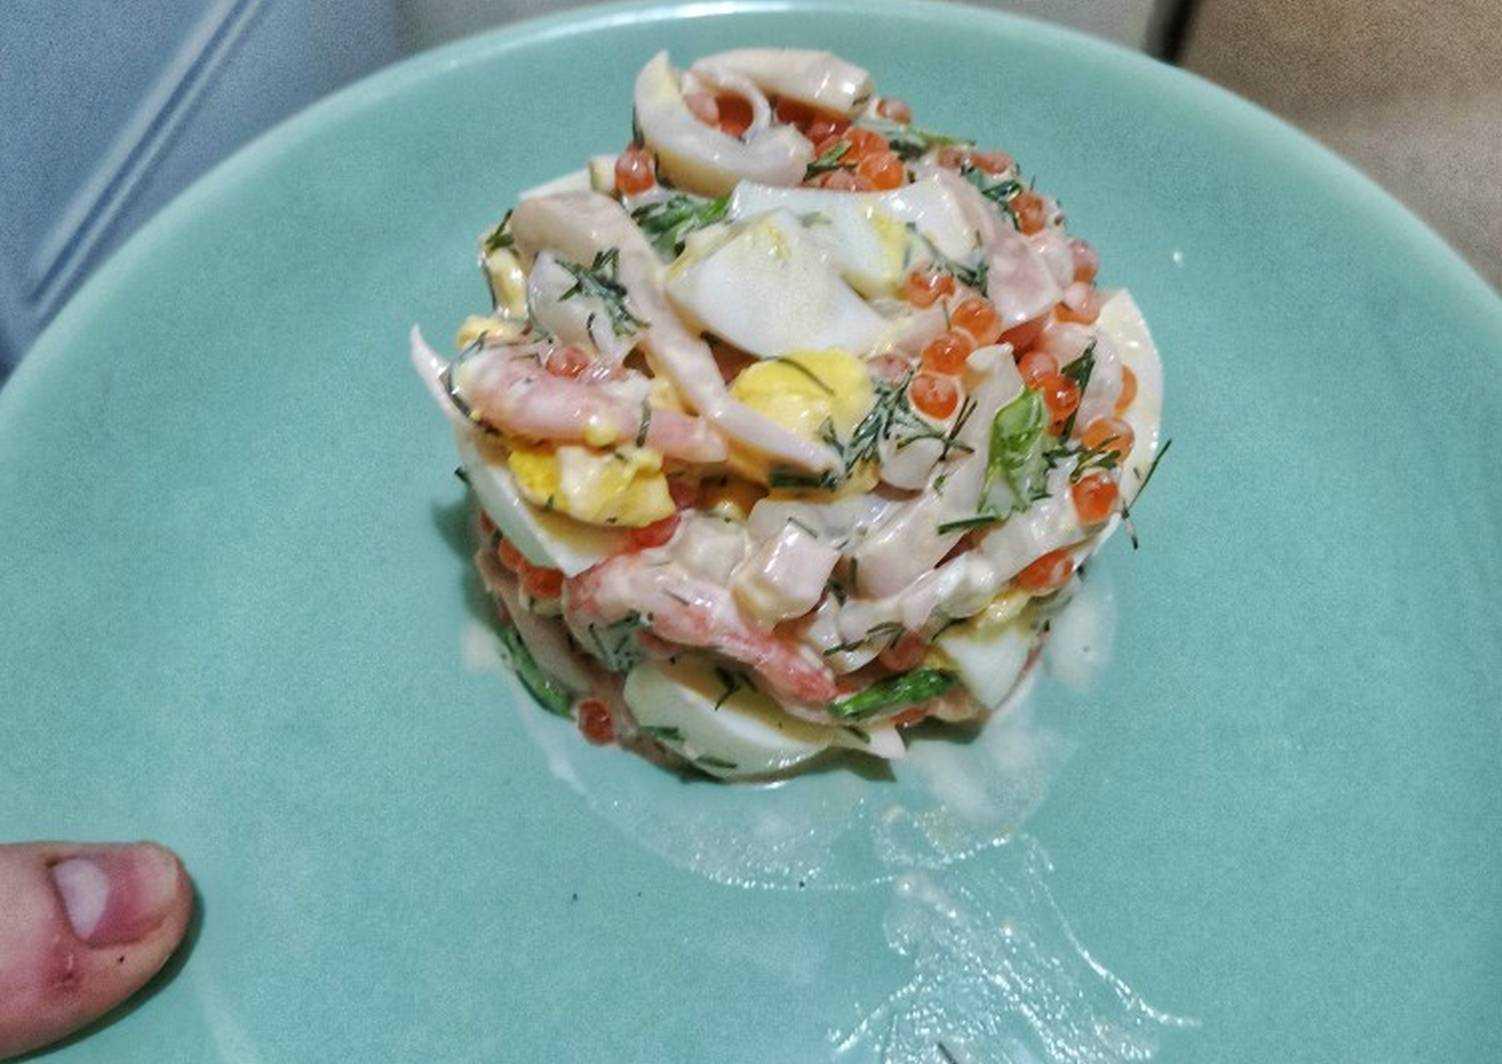 Морской салат с креветками и кальмарами - 24 домашних вкусных рецепта